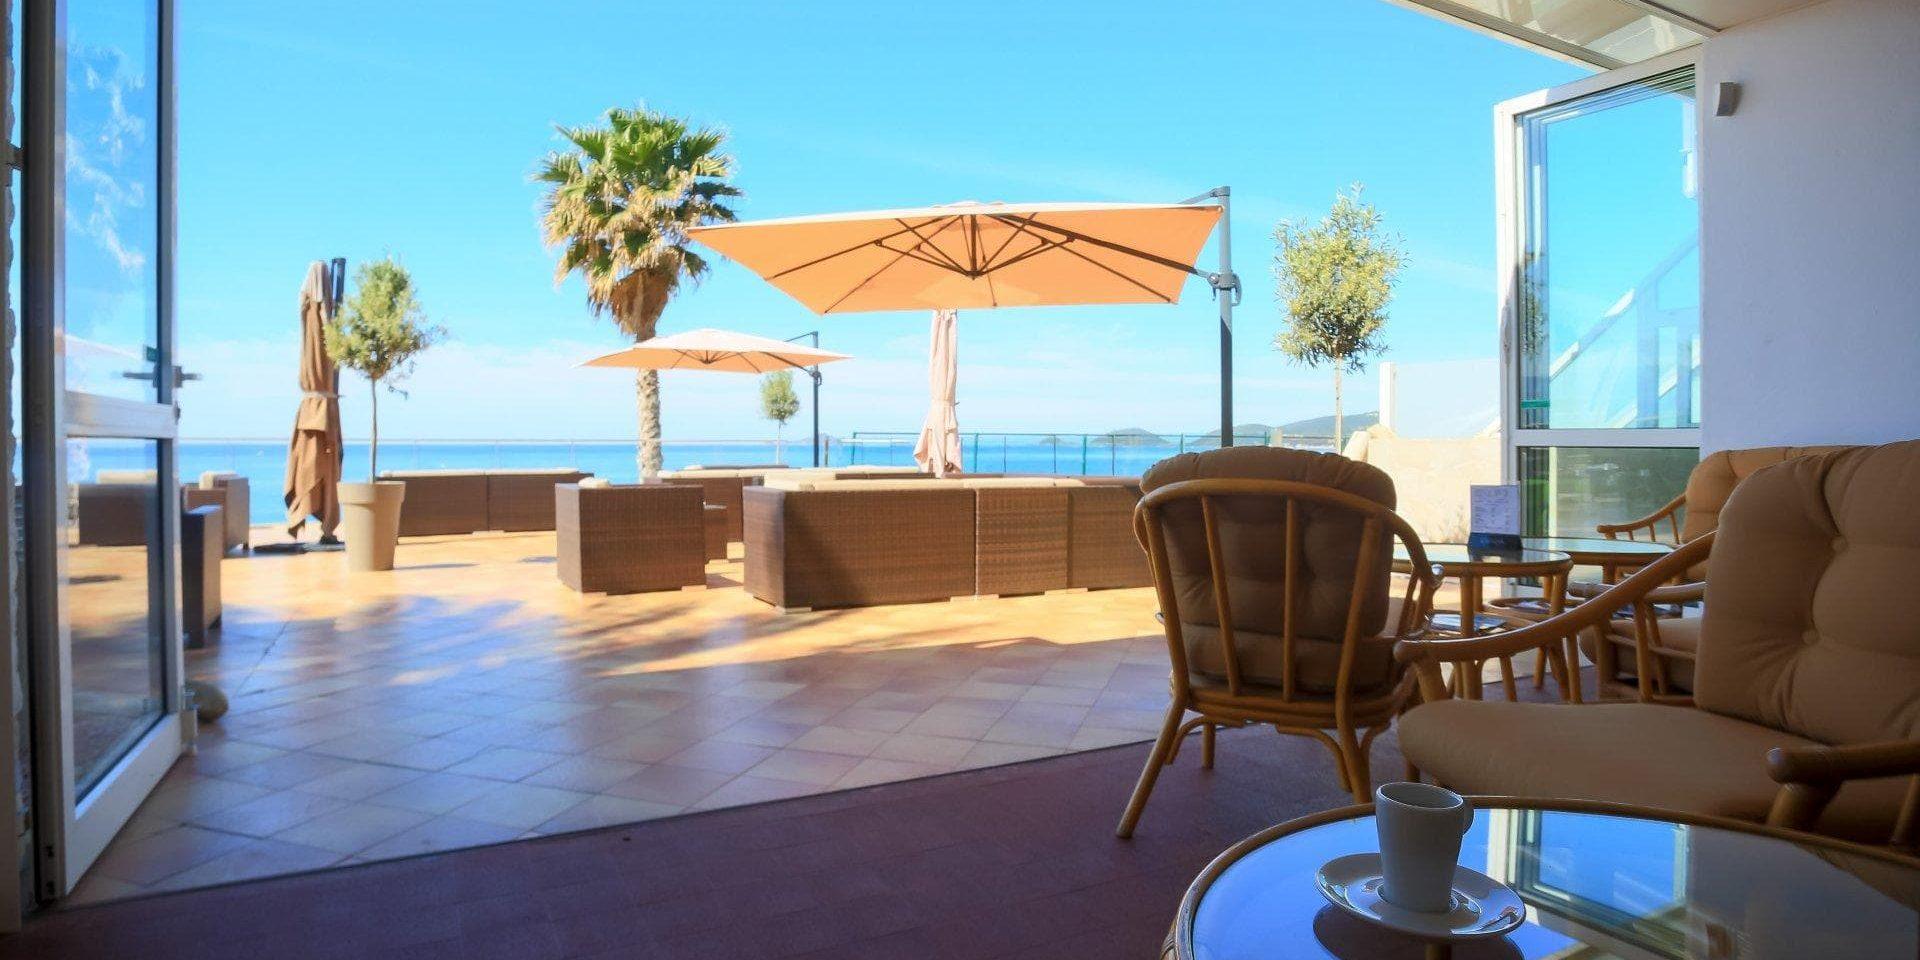 Hotel Cala di Sole Ajaccio Corsica Frankrijk loungehoek salon zeezicht